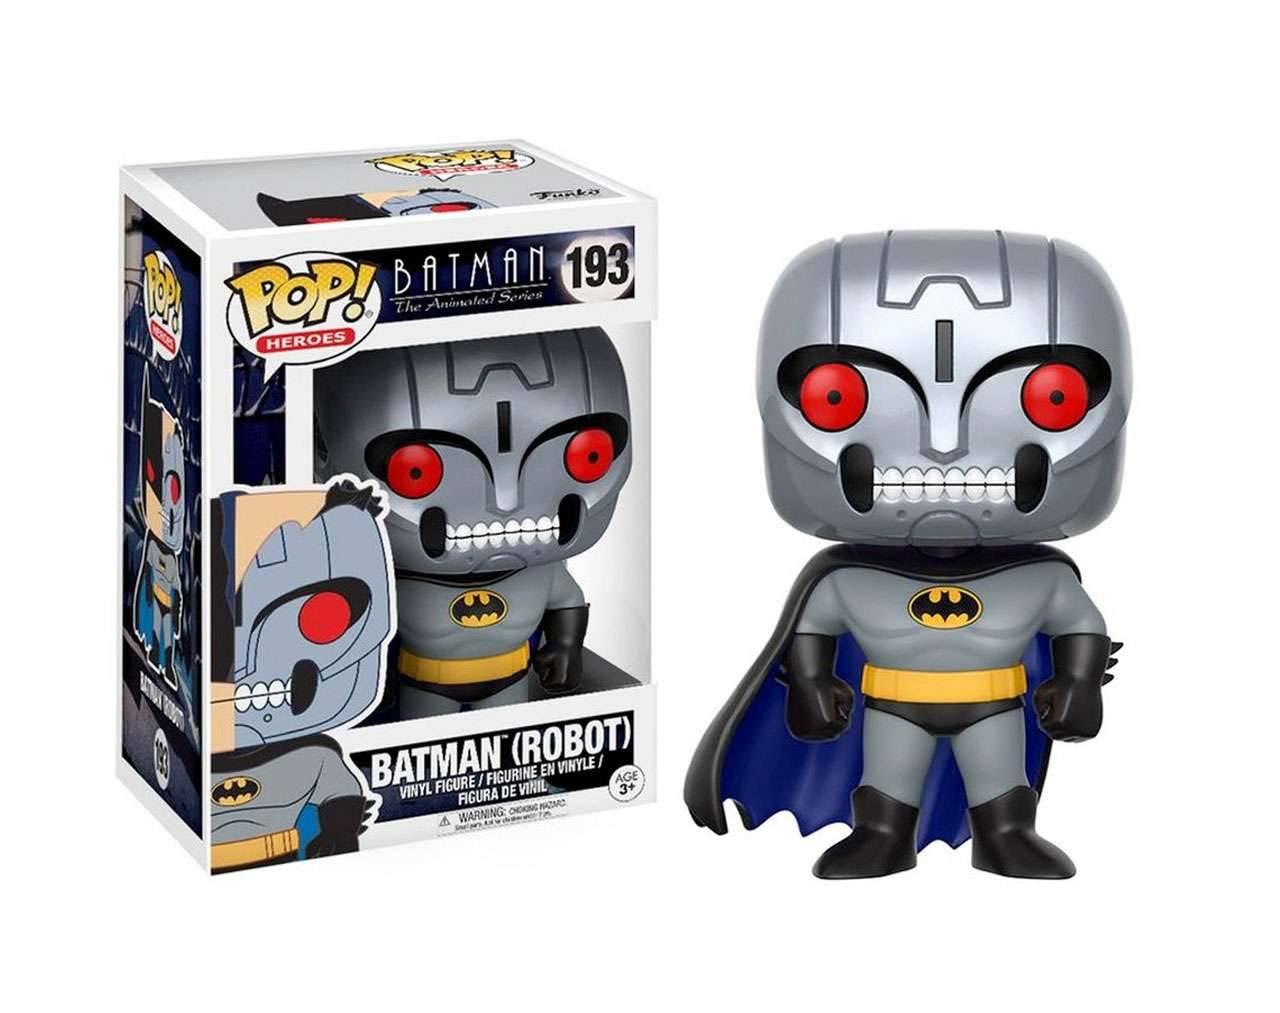 Batman Robot Animated Series (Edición Chase) Pop! Vinyl